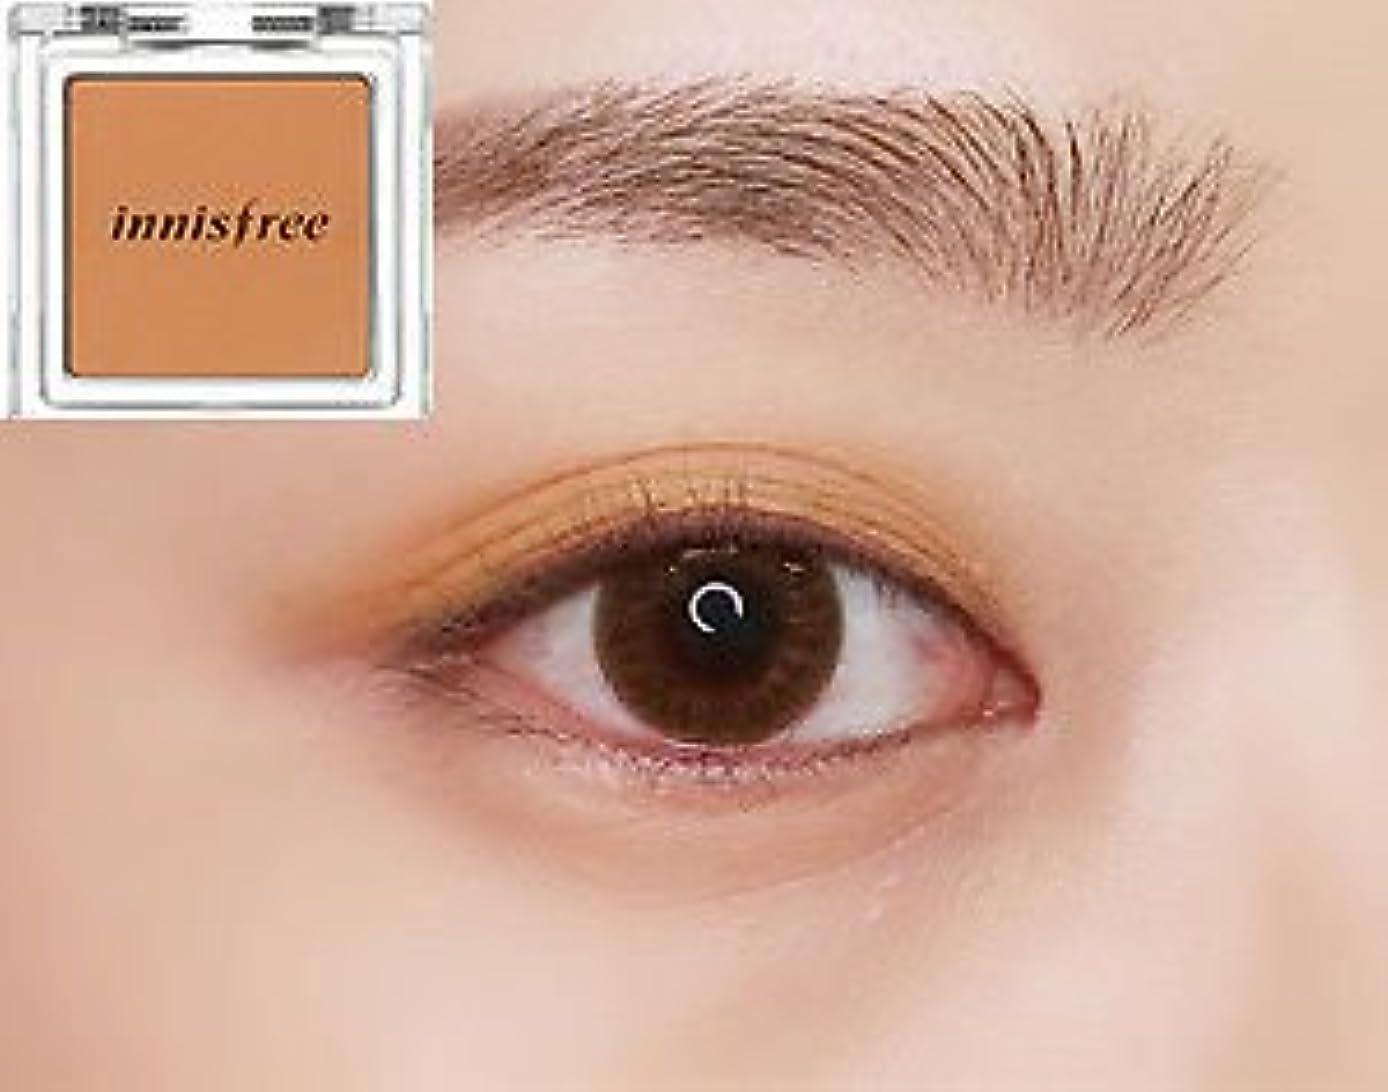 ソーダ水であることアドバイス[イニスフリー] innisfree [マイ パレット マイ アイシャドウ (マット) 40カラー] MY PALETTE My Eyeshadow (Matte) 40 Shades [海外直送品] (マット #31)